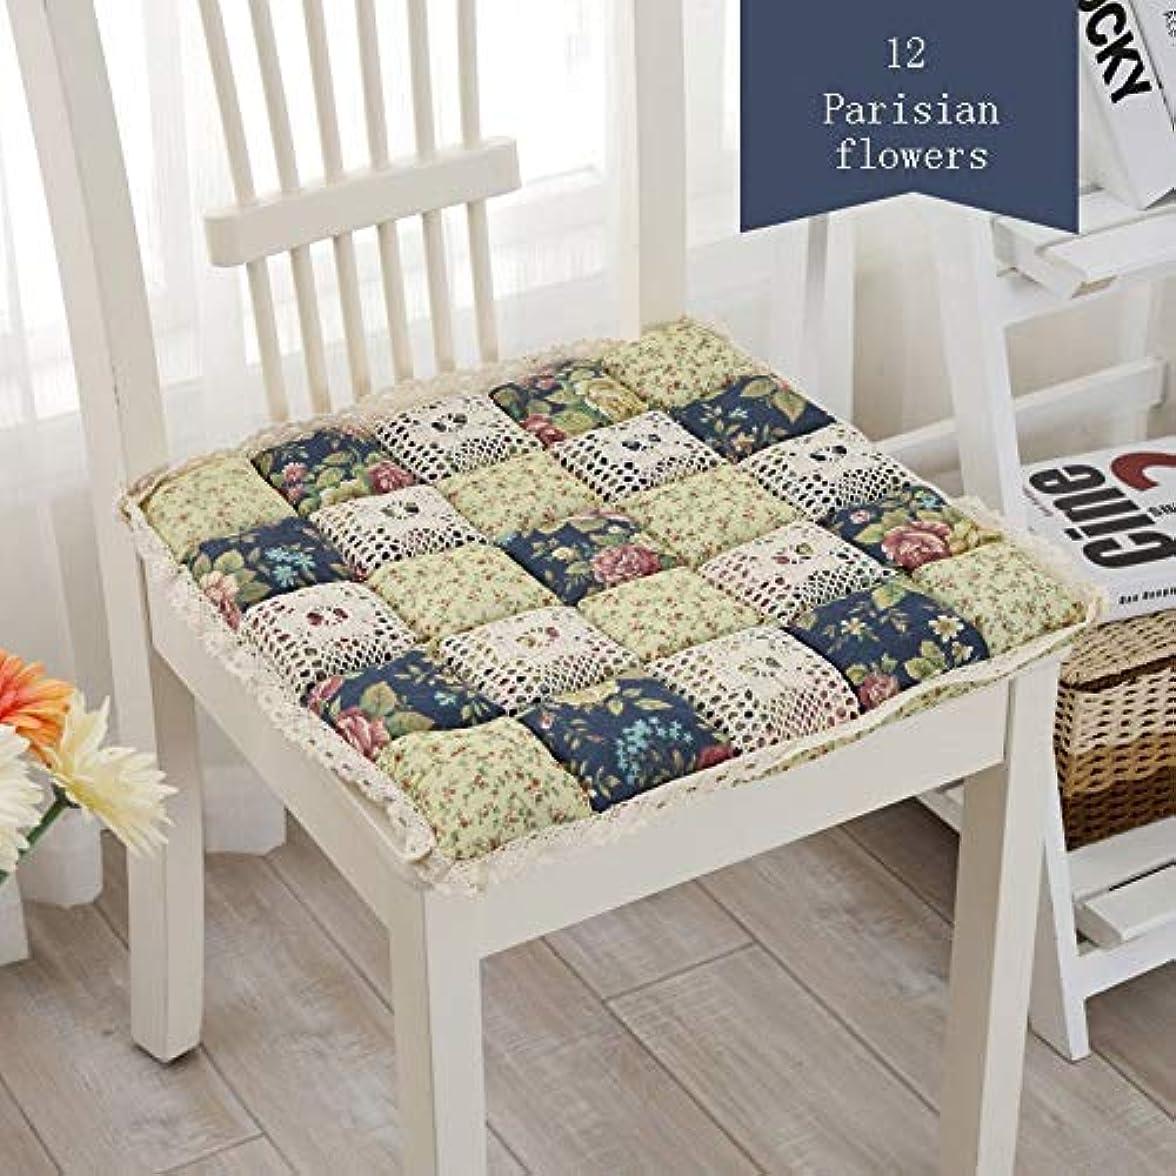 暖炉誘導放送LIFE 1 個抗褥瘡綿椅子クッション 24 色ファッションオフィス正方形クッション学生チェアクッション家の装飾厚み クッション 椅子